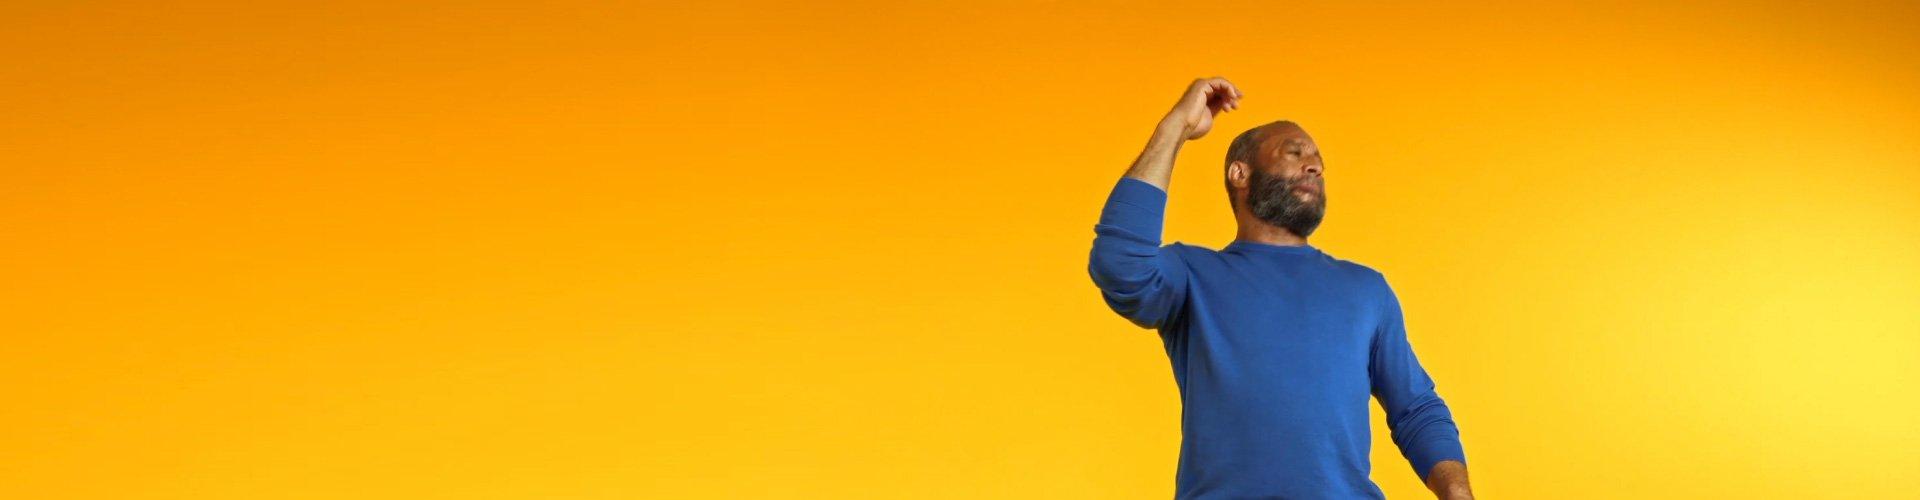 Ένας άνδρας φοράει ακουστικά βοηθήματα Philips και διασκεδάζει ακούγοντας μουσική και έχοντας συνδεθεί με τους αγαπημένους του